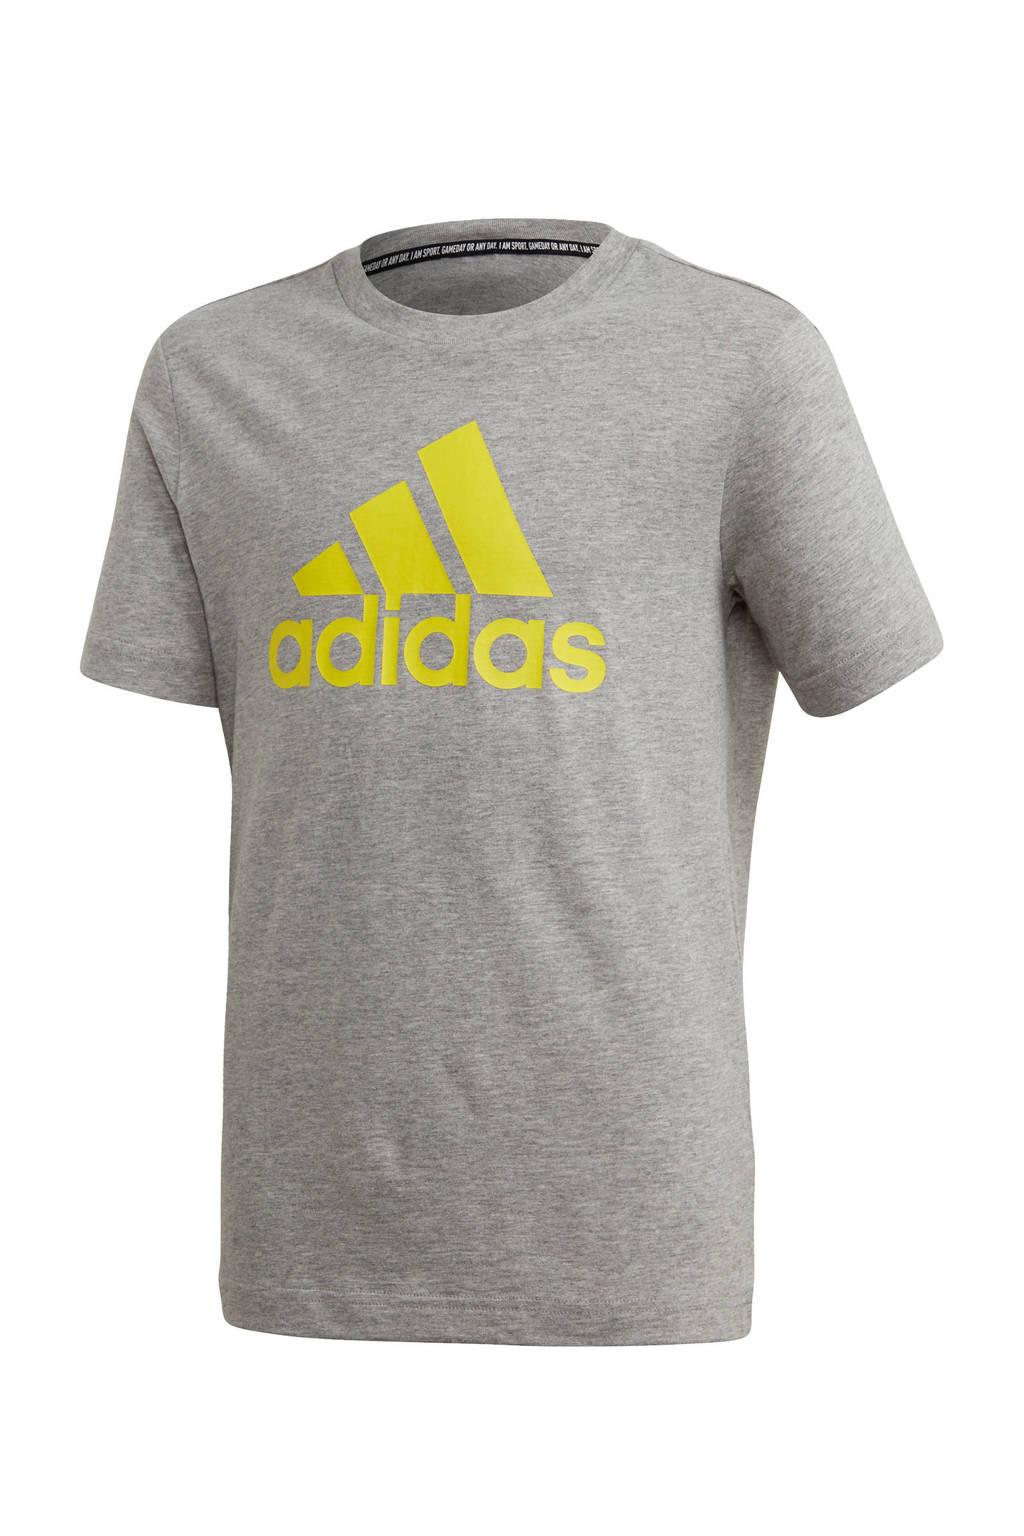 adidas   sport T-shirt grijs melange/limegroen